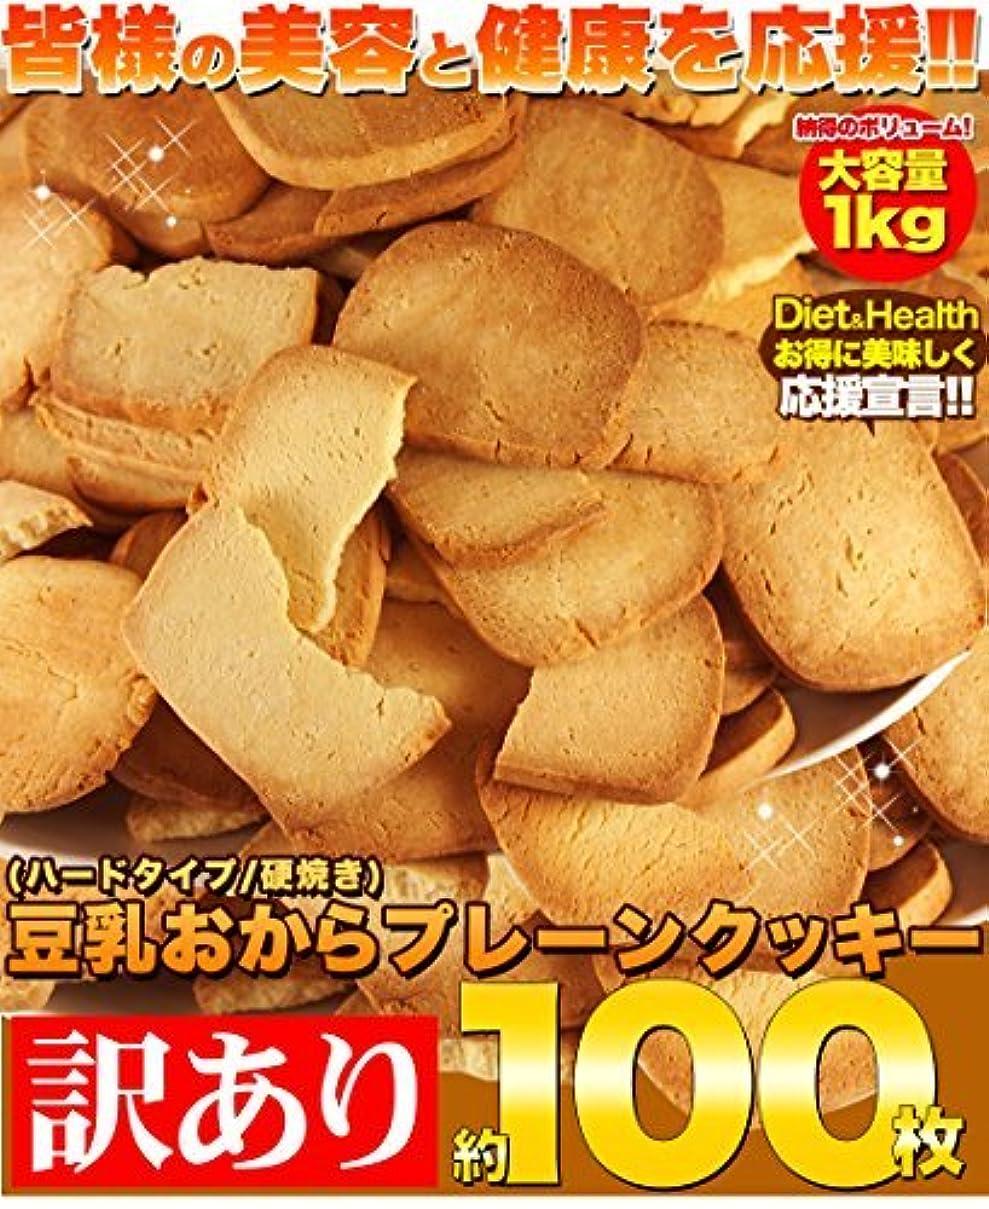 エトナ山基礎理論重くするアレンジ次第でダイエットが楽しくなる!プレーンタイプの豆乳おからクッキーが約100枚入って1kg入り!  業界最安値に挑戦!【訳あり】固焼き☆豆乳おからクッキープレーン約100枚1kg?常温?